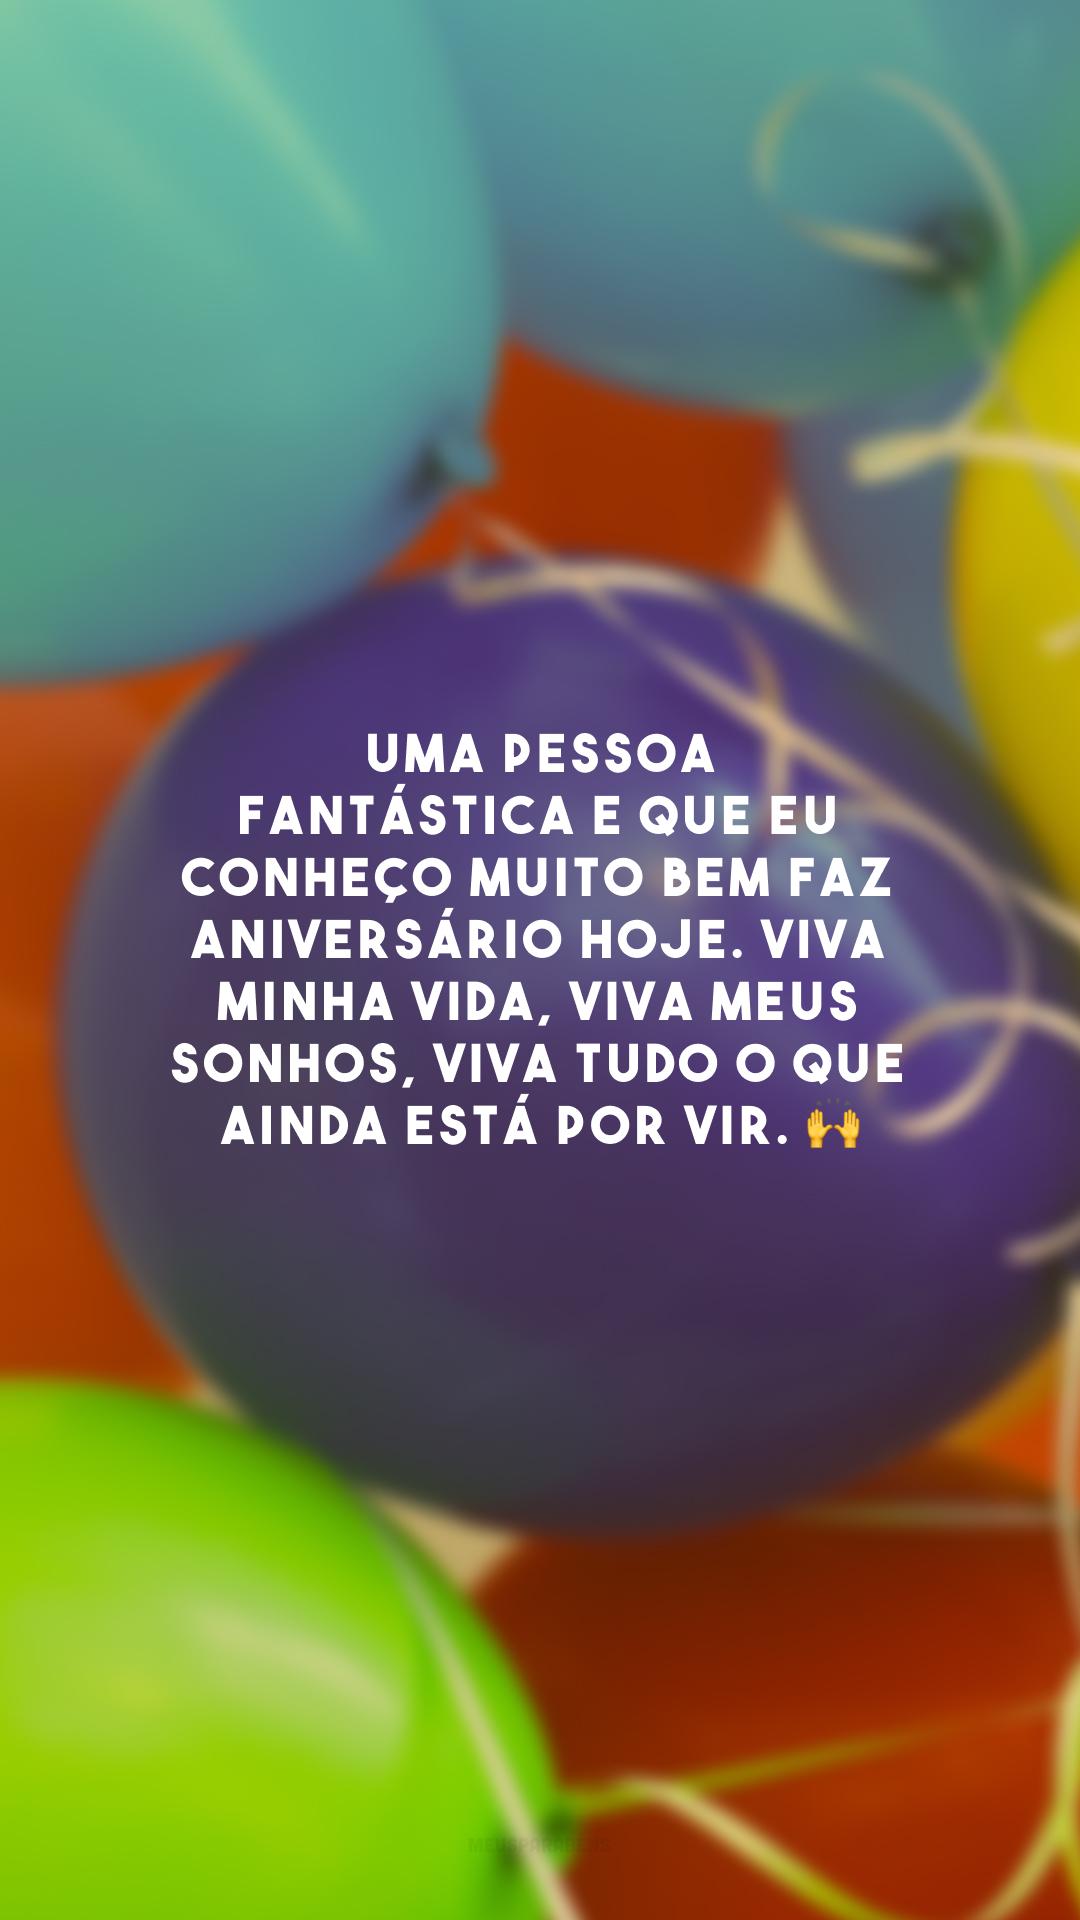 Uma pessoa fantástica e que eu conheço muito bem faz aniversário hoje. Viva minha vida, viva meus sonhos, viva tudo o que ainda está por vir. 🙌